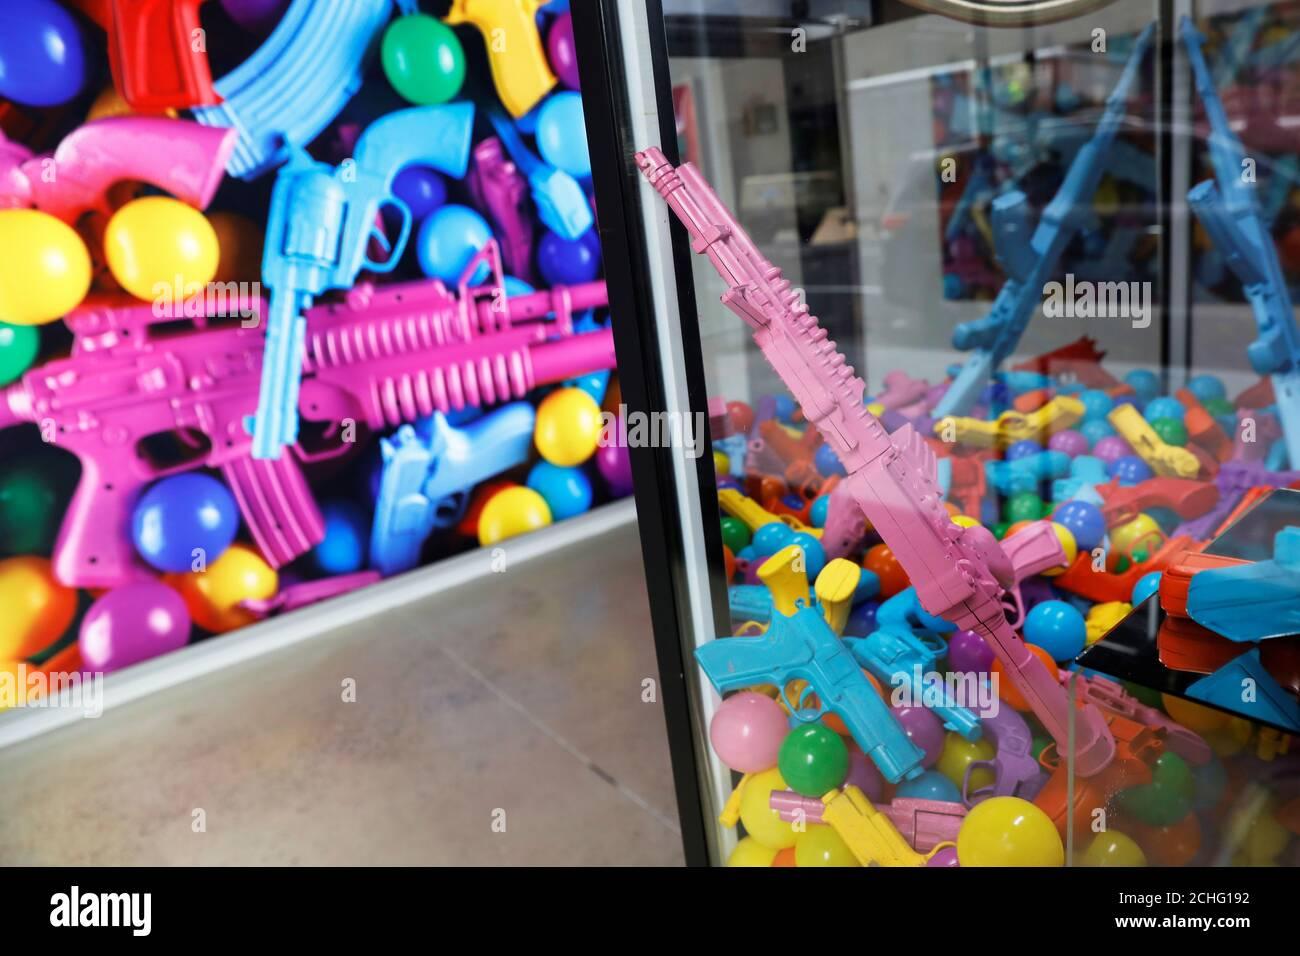 Una máquina de garra de pistola de juguete es visto como parte de una instalación de arte por el artista WhIsBe titulado 'vuelta a la escuela de compras' para ilustrar los peligros de la violencia de armas en las escuelas, en una galería en la ciudad de Nueva York, EE.UU., 17 de junio de 2019. REUTERS/Shannon Stapleton Foto de stock